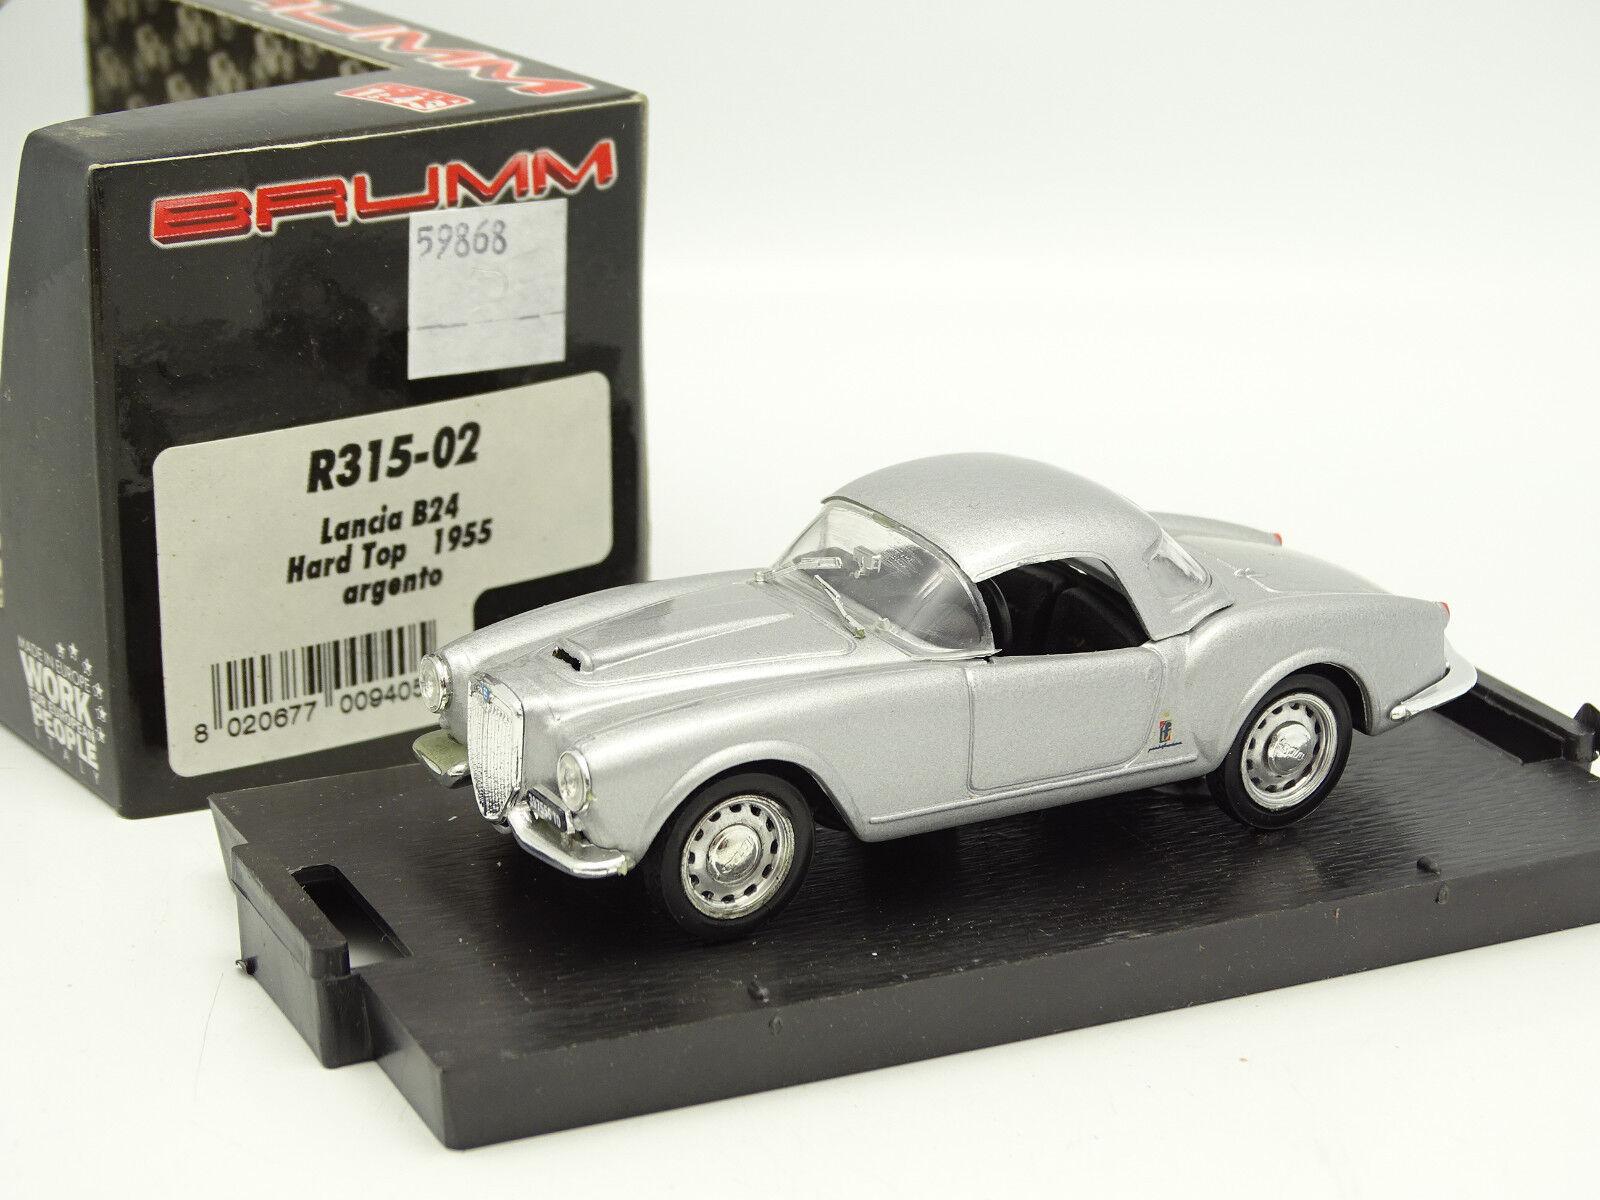 Brumm Brumm Brumm 1 43 - Lancia B24 Spider Grey 1953 3ef1a5